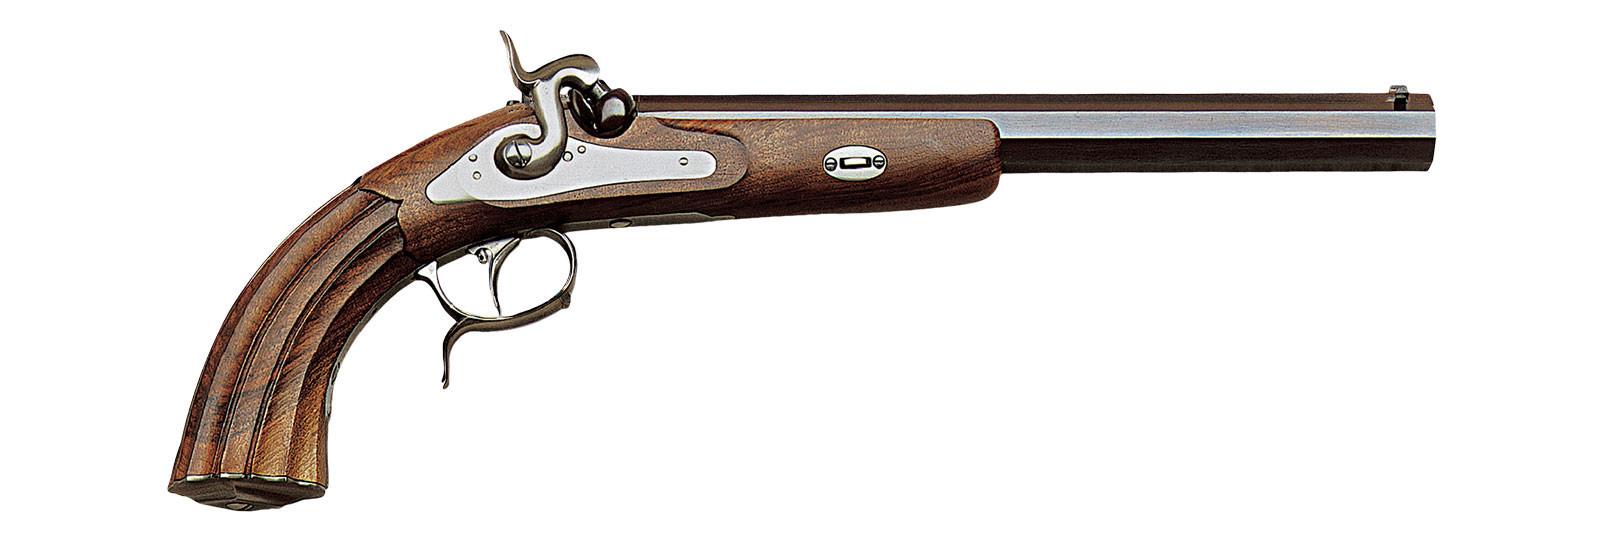 Pistola Mang in Graz